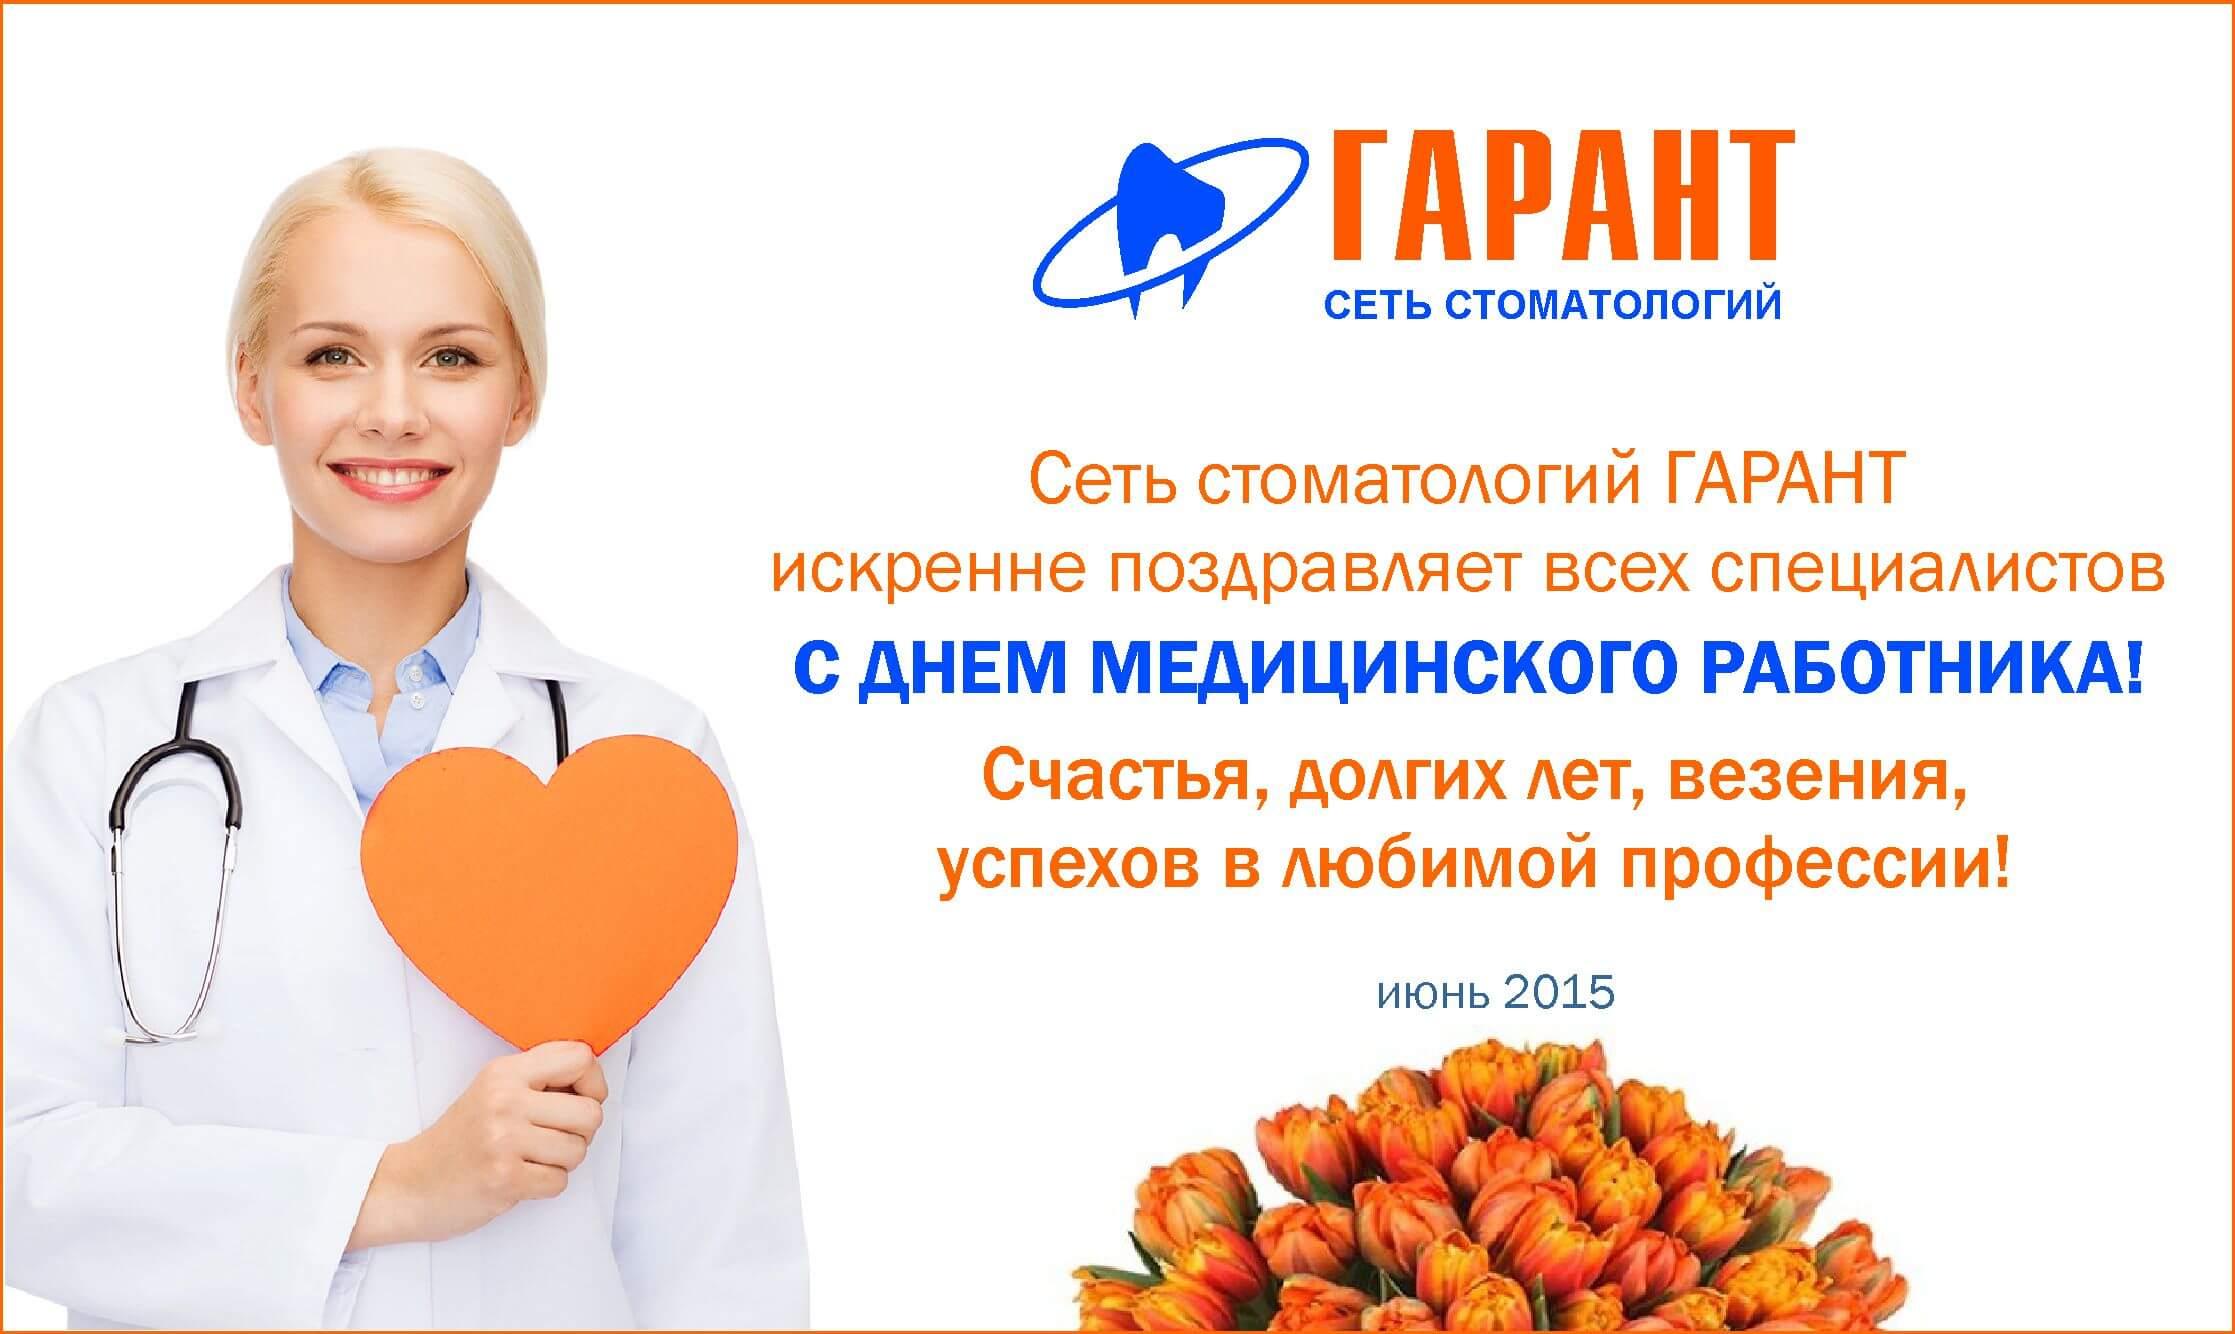 Поздравления к дню медицинского работника стоматологу